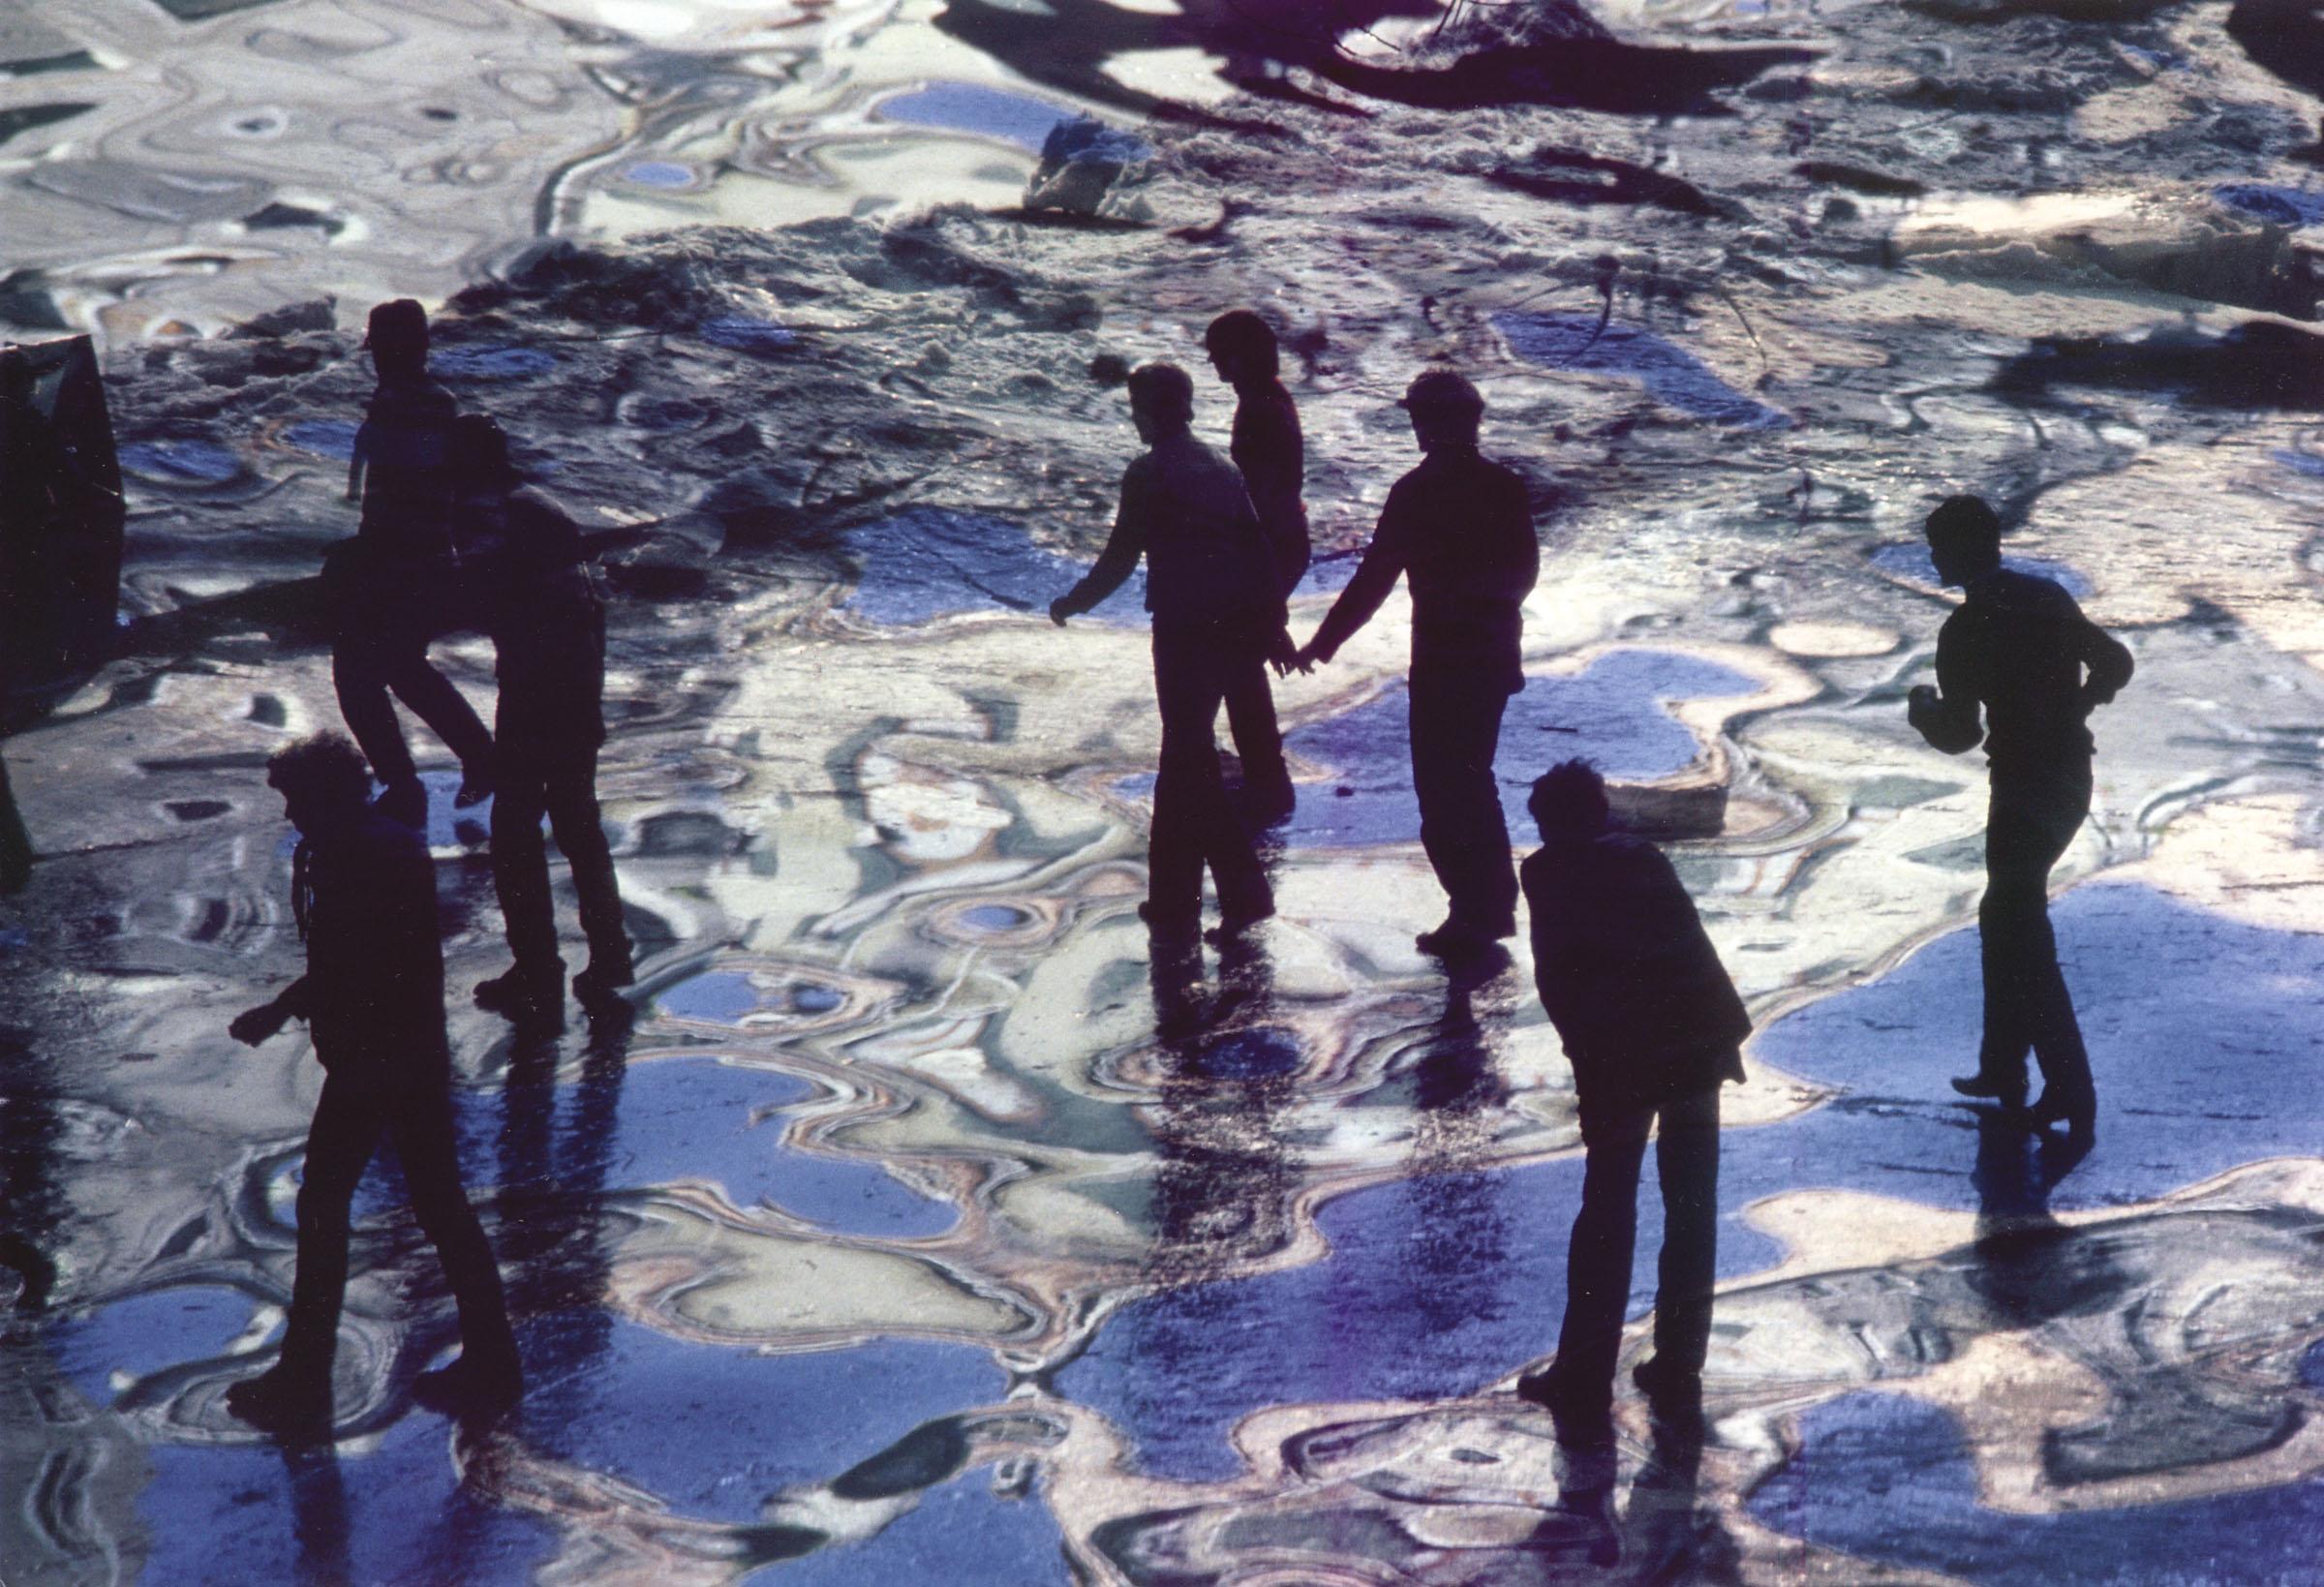 2004.09.18. Hétköznapok fotópályázat - Veres Sándor - Mozgásban.jpg